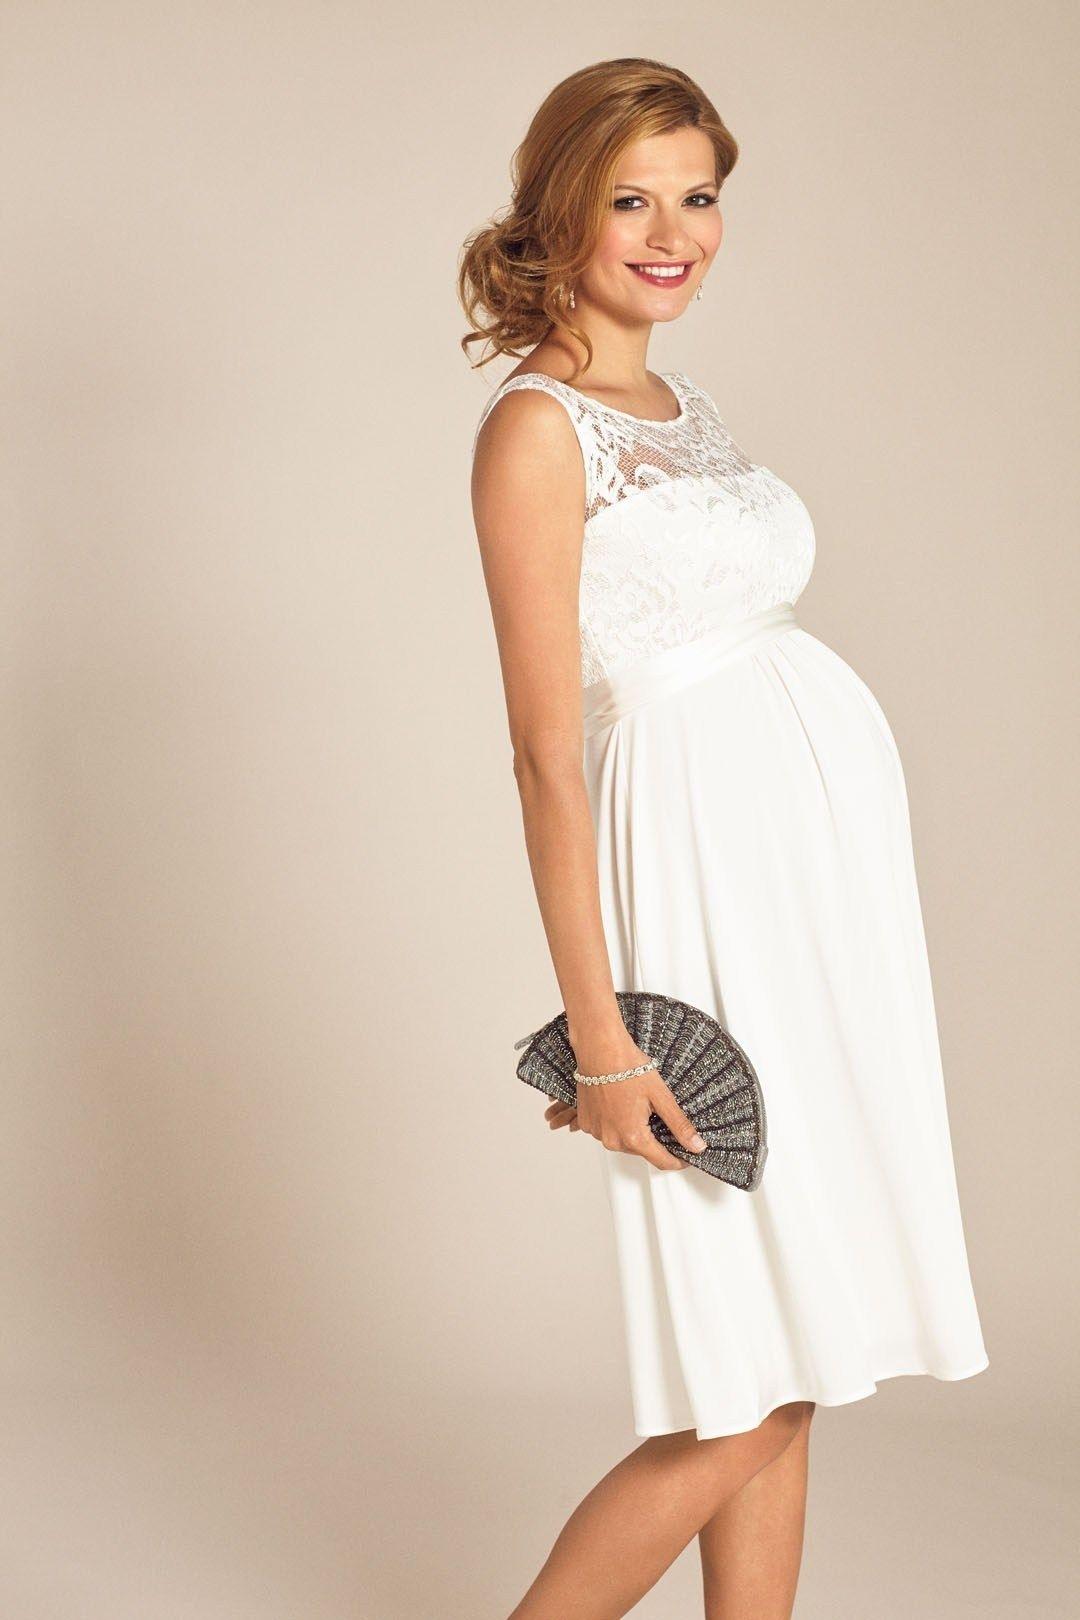 Abend Top Brautkleider Für Schwangere Boutique Spektakulär Brautkleider Für Schwangere Spezialgebiet